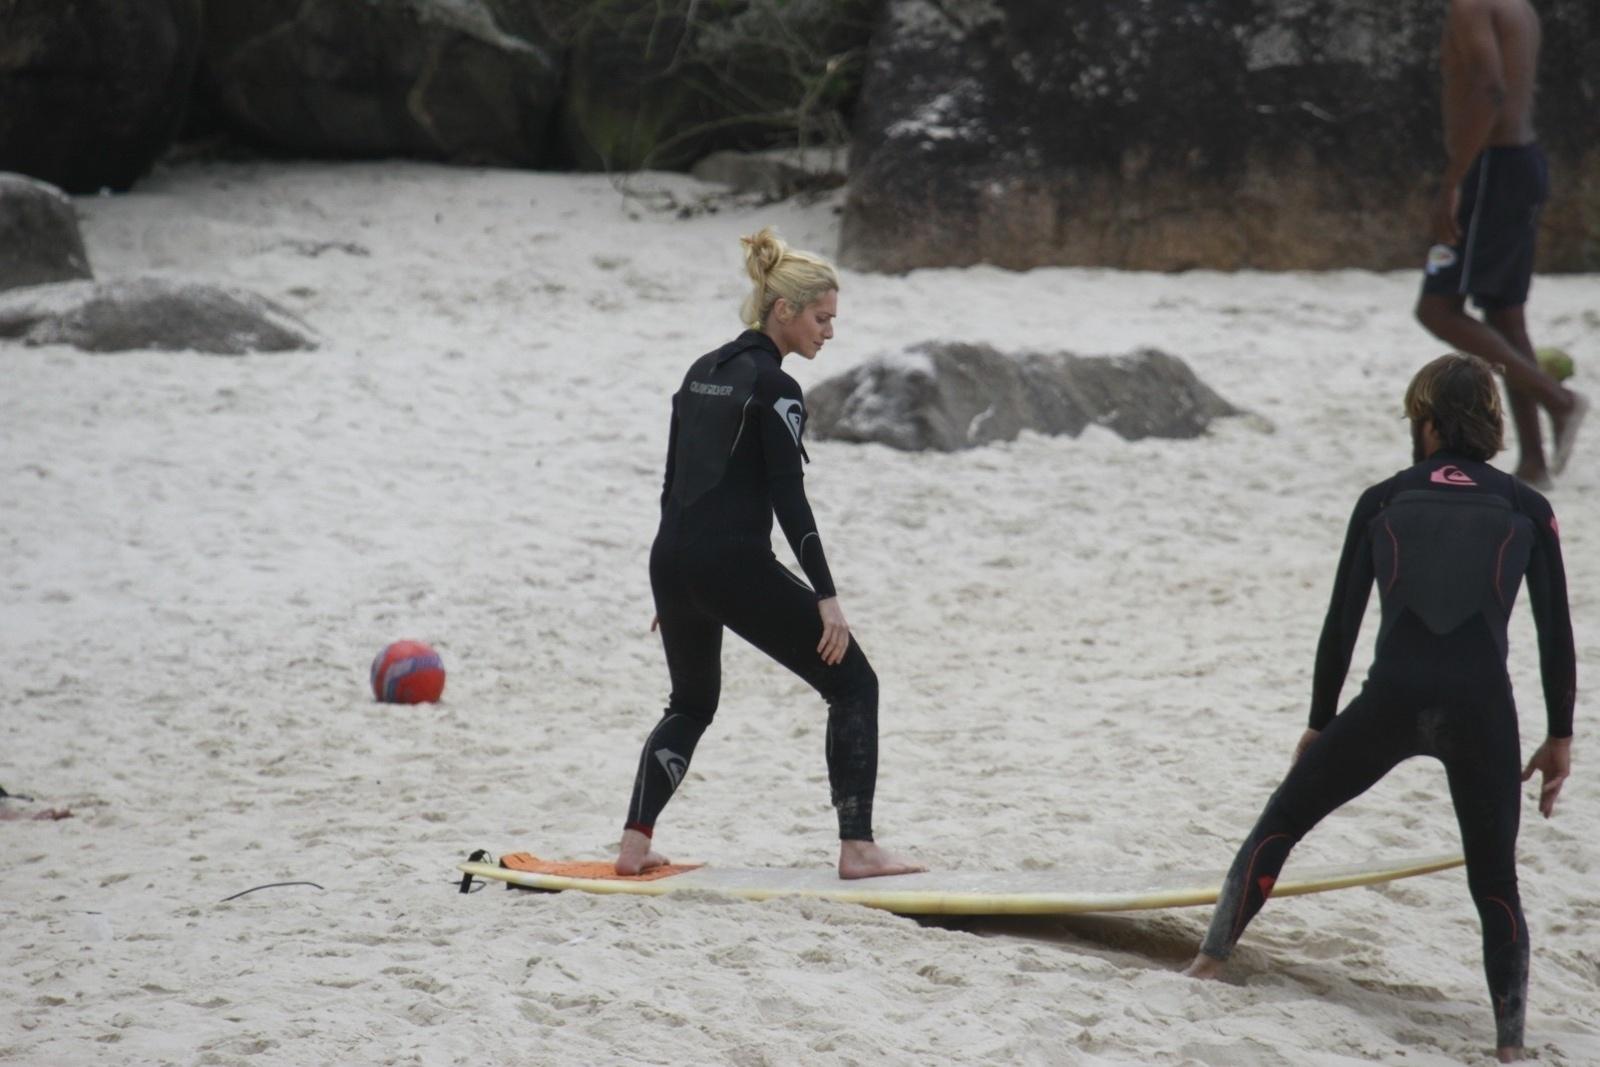 14.out.2013 - Letícia Spiller fez aula de surfe na Prainha, zona oeste do Rio. A atriz estava acompanhada do filho, Pedro